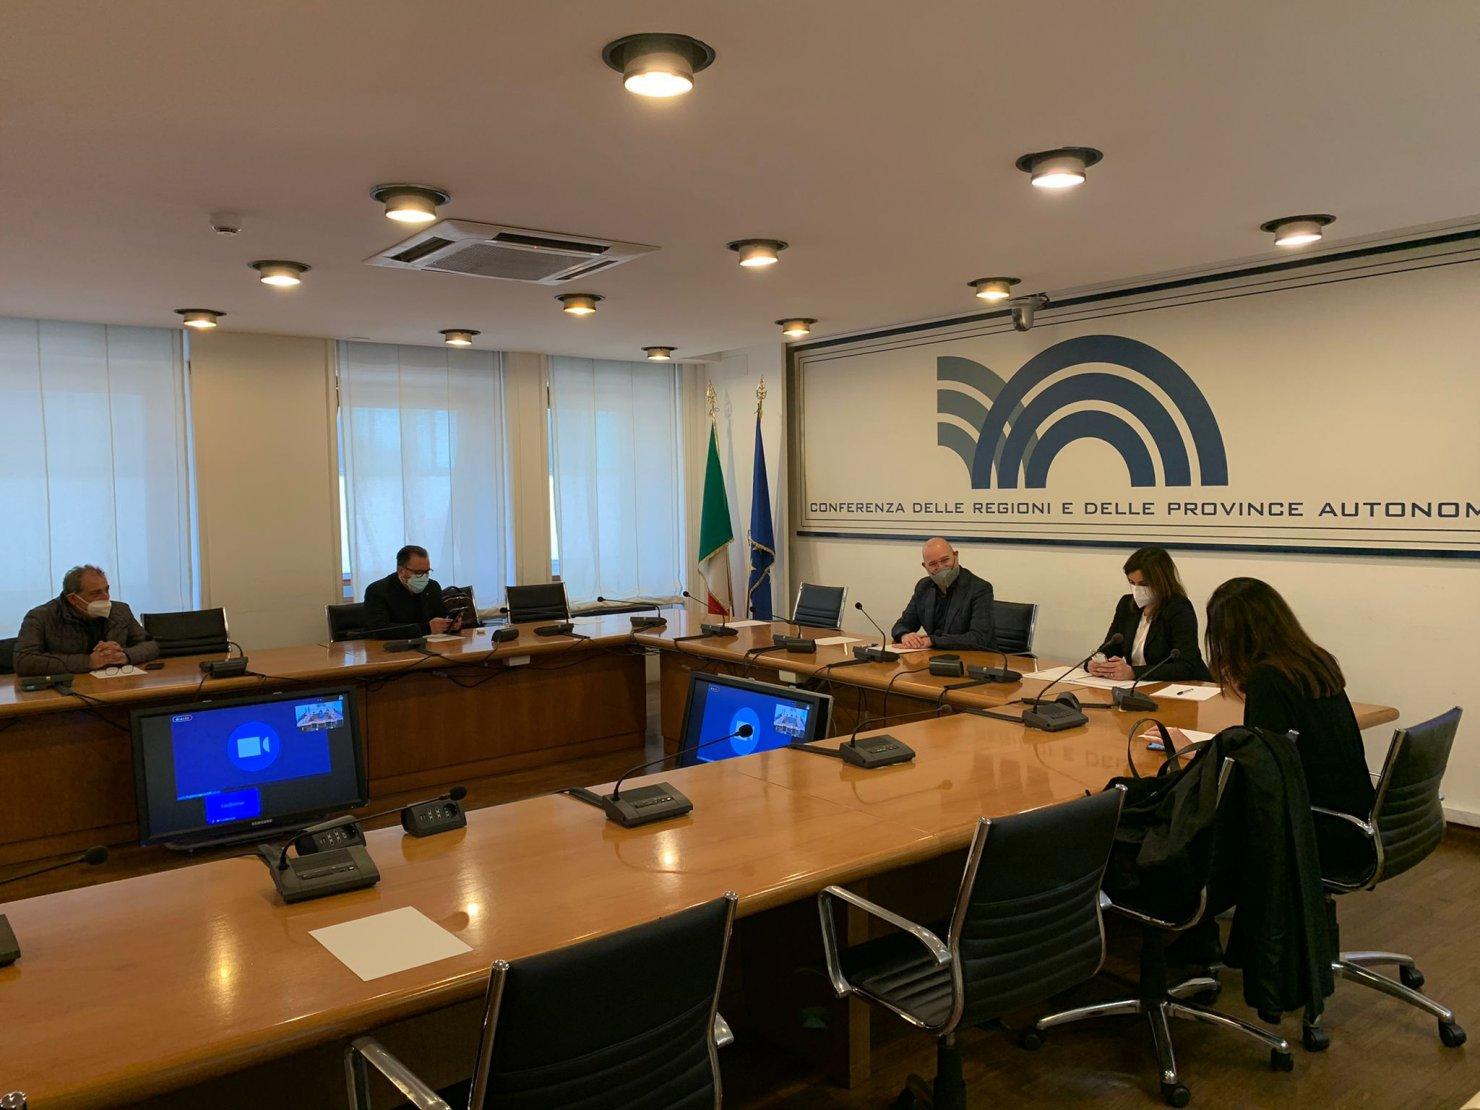 Confronto positivo Conferenza Regioni con Cgil, Cisl e Uil su rinnovo contratti lavoratori Sanita e Funzioni Locali